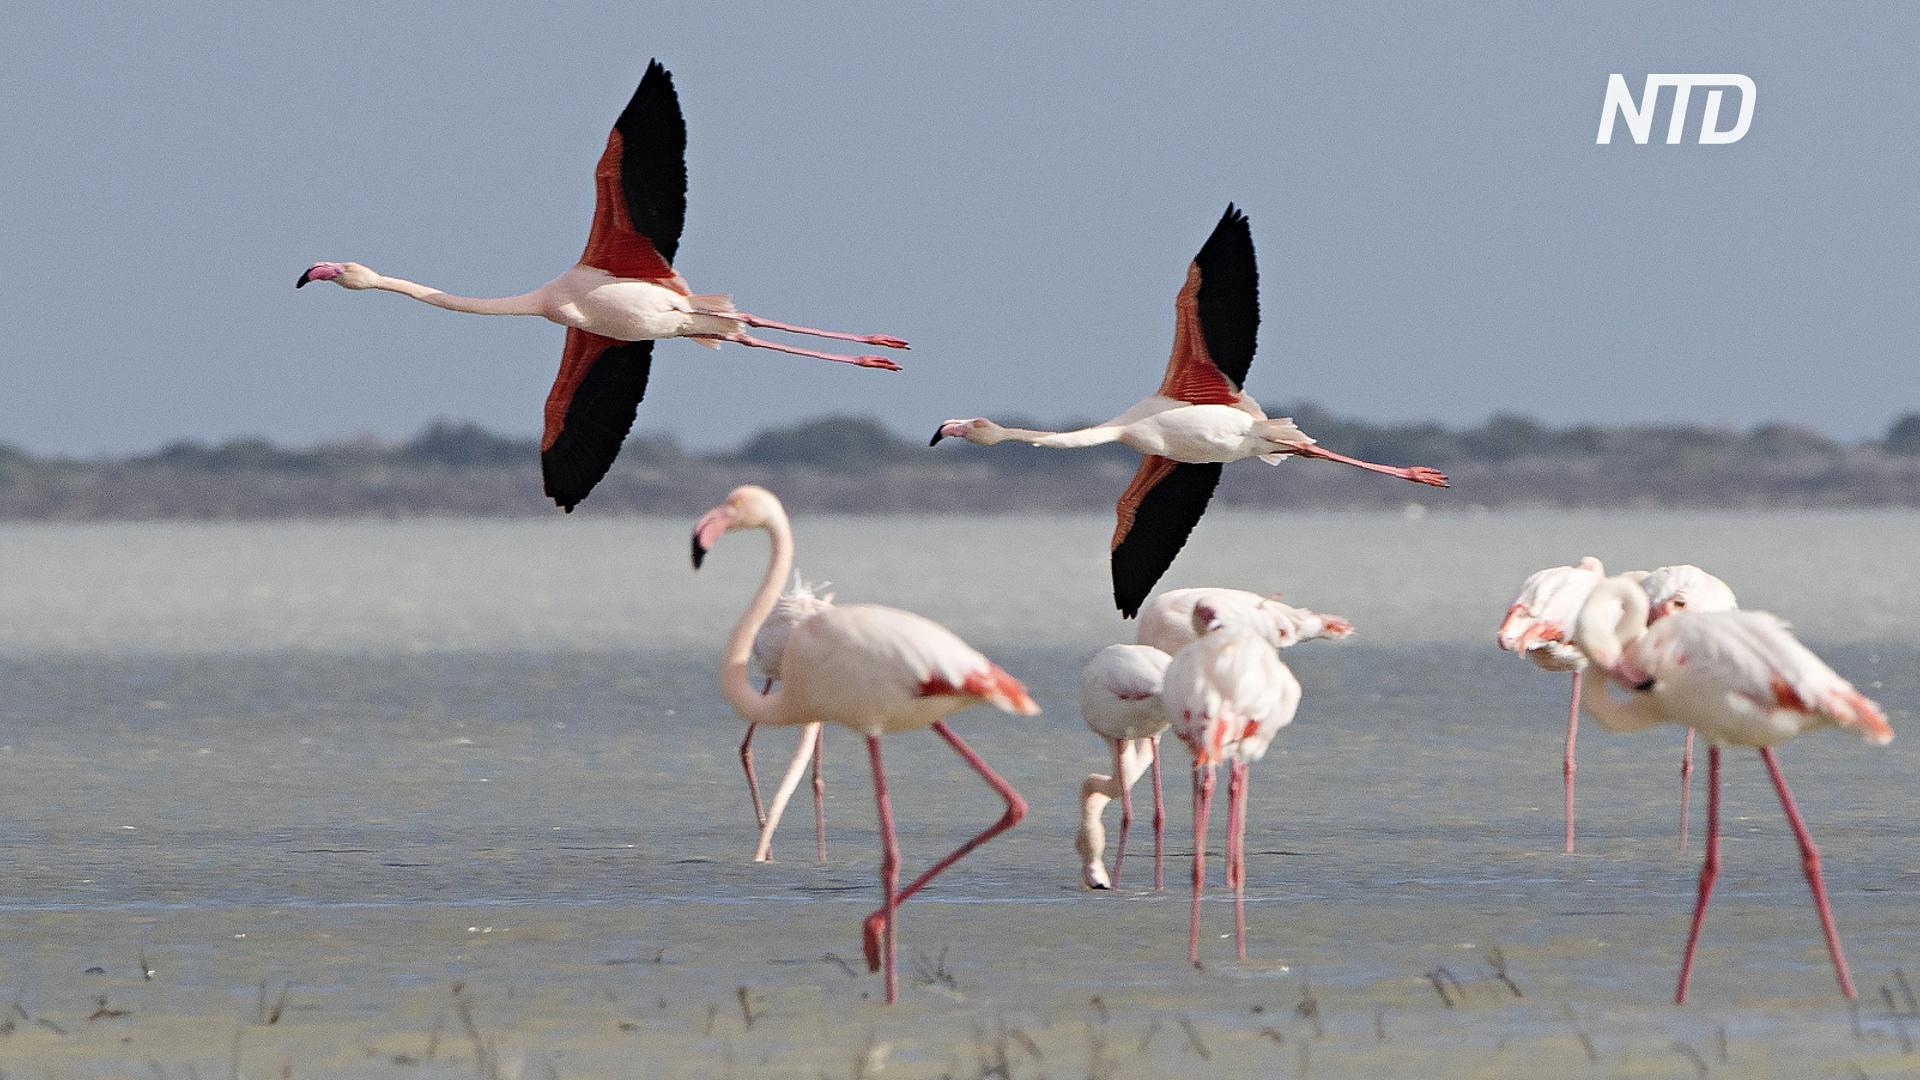 Тысячи розовых фламинго прилетели на кипрское озеро Ларнака